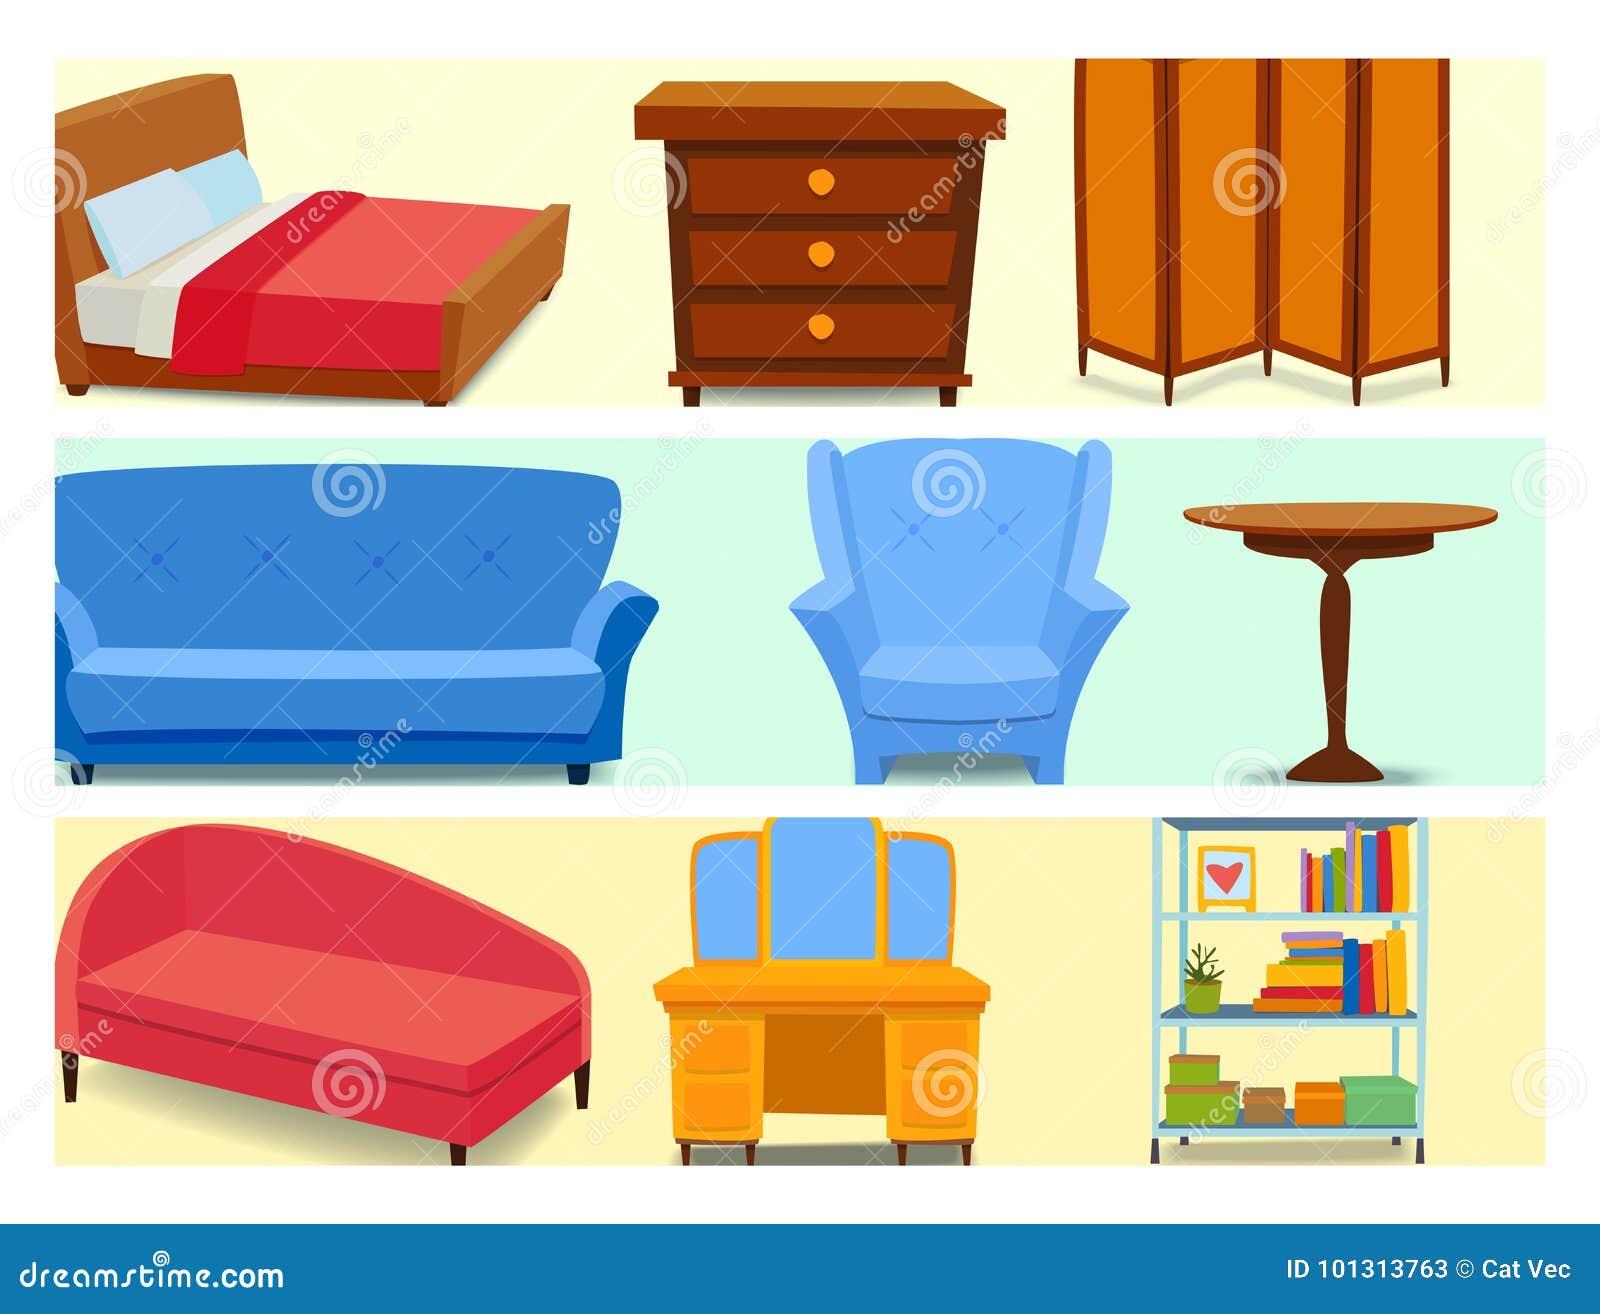 Значки мебели внутренние самонаводят софы дома живущей комнаты дизайна иллюстрация вектора кресла квартиры современной удобная